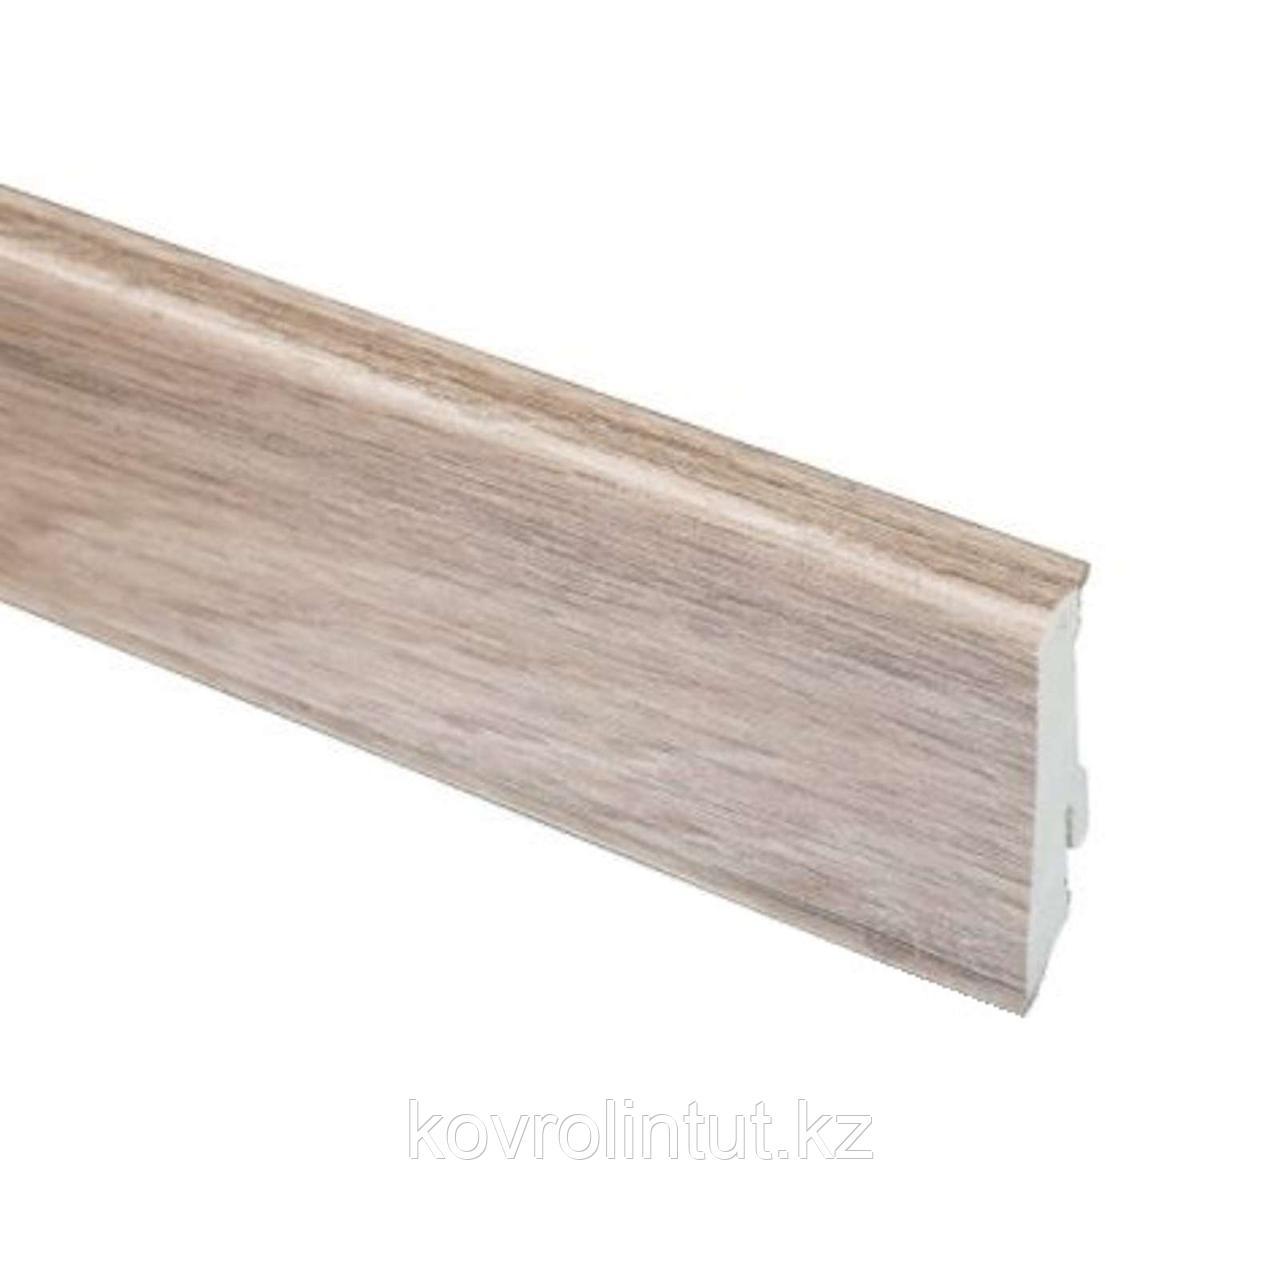 Плинтус композитный для LVT Neuhofer Holz, K0210L, 714451, 2400х59х17 мм